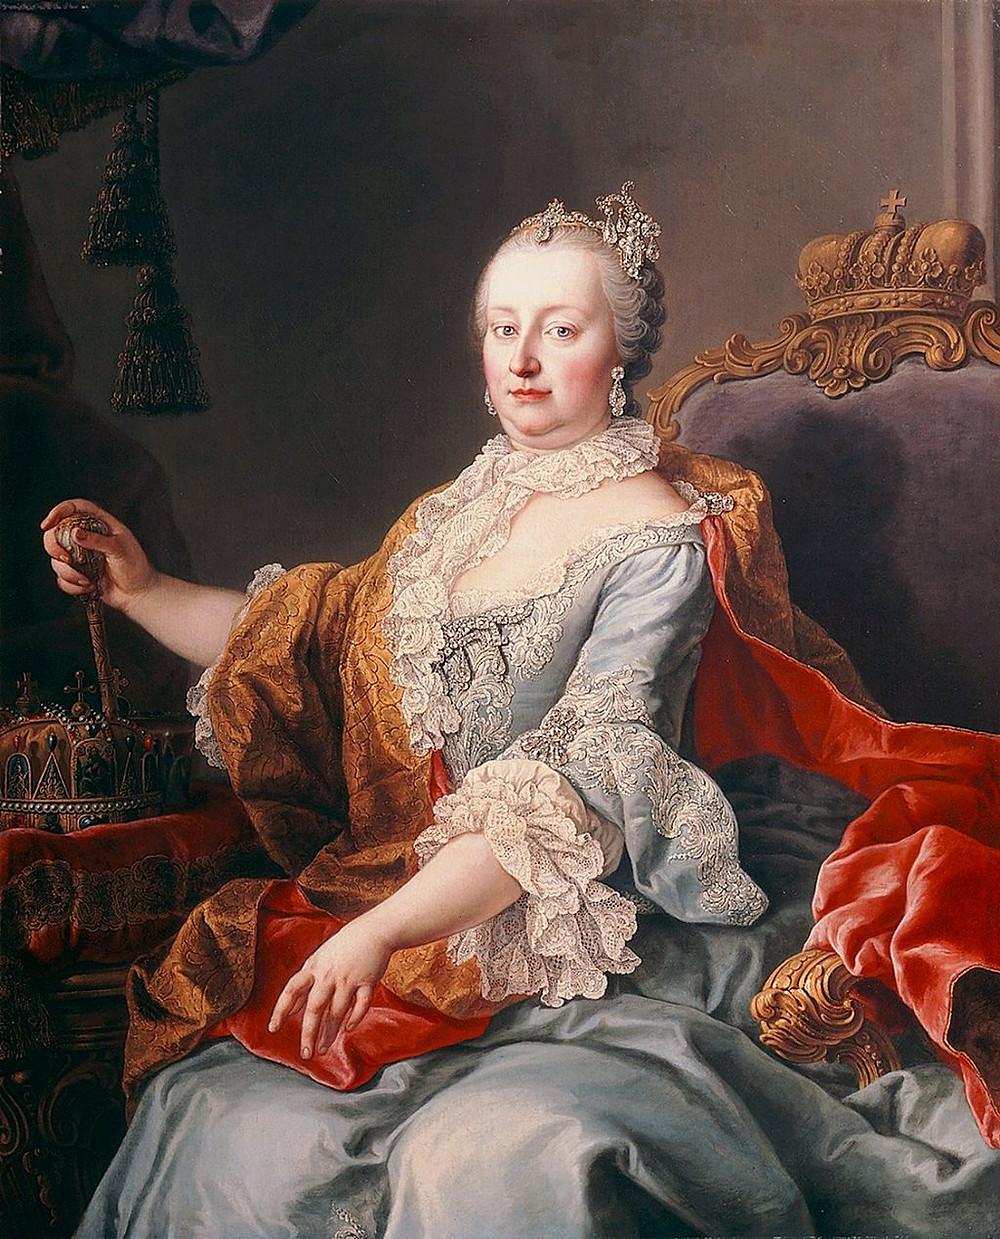 瑪麗亞·特蕾莎像 馬丁·范·梅伊滕斯繪,1759年